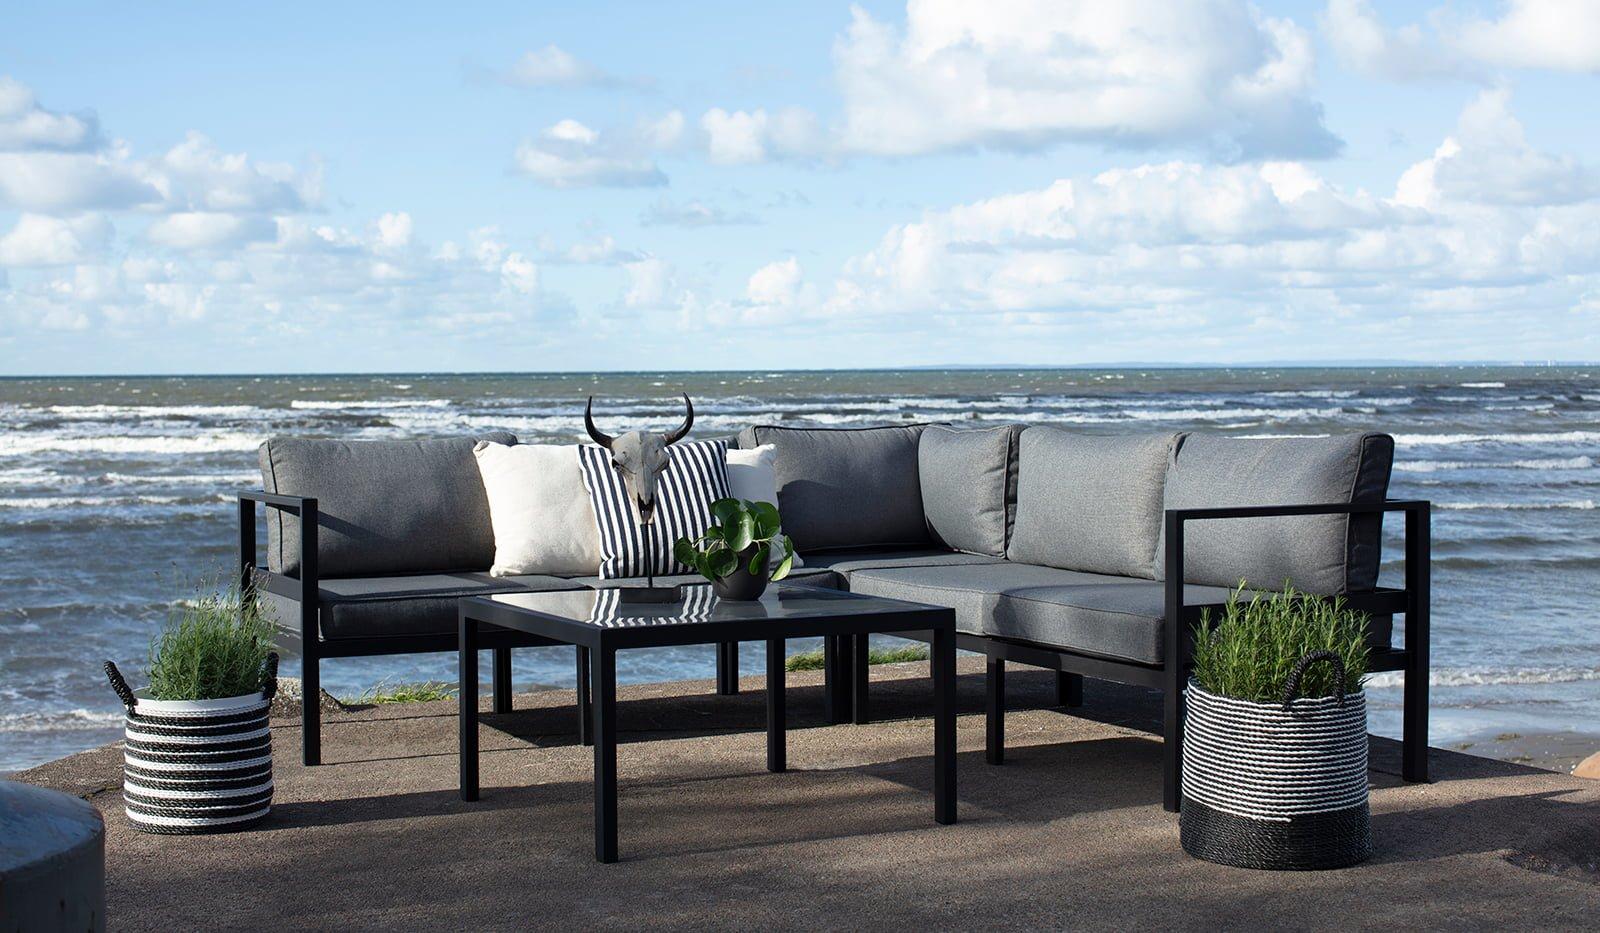 salg på hagemøbler